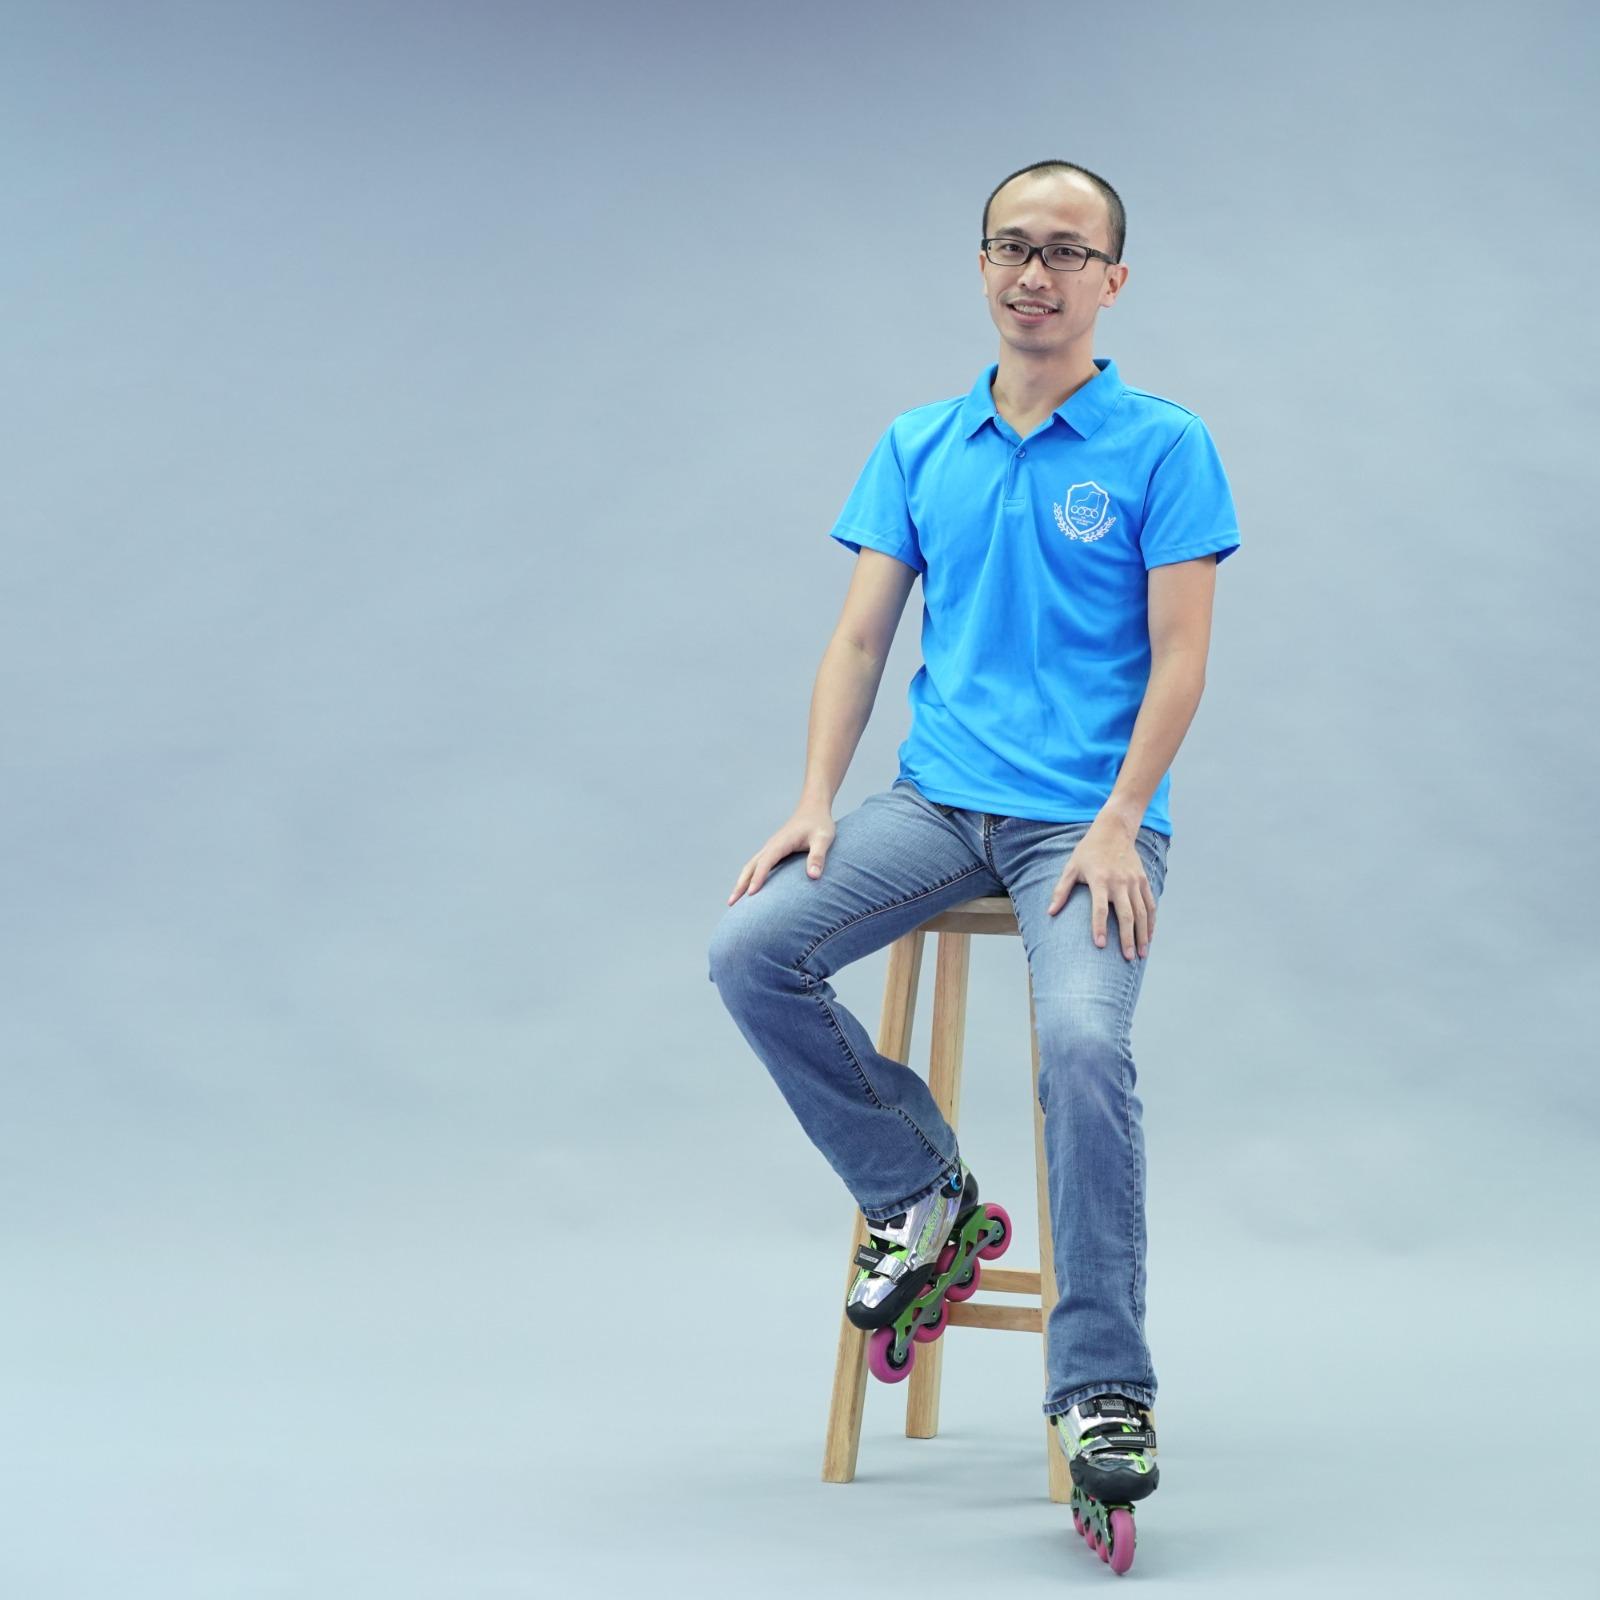 Mr Choy